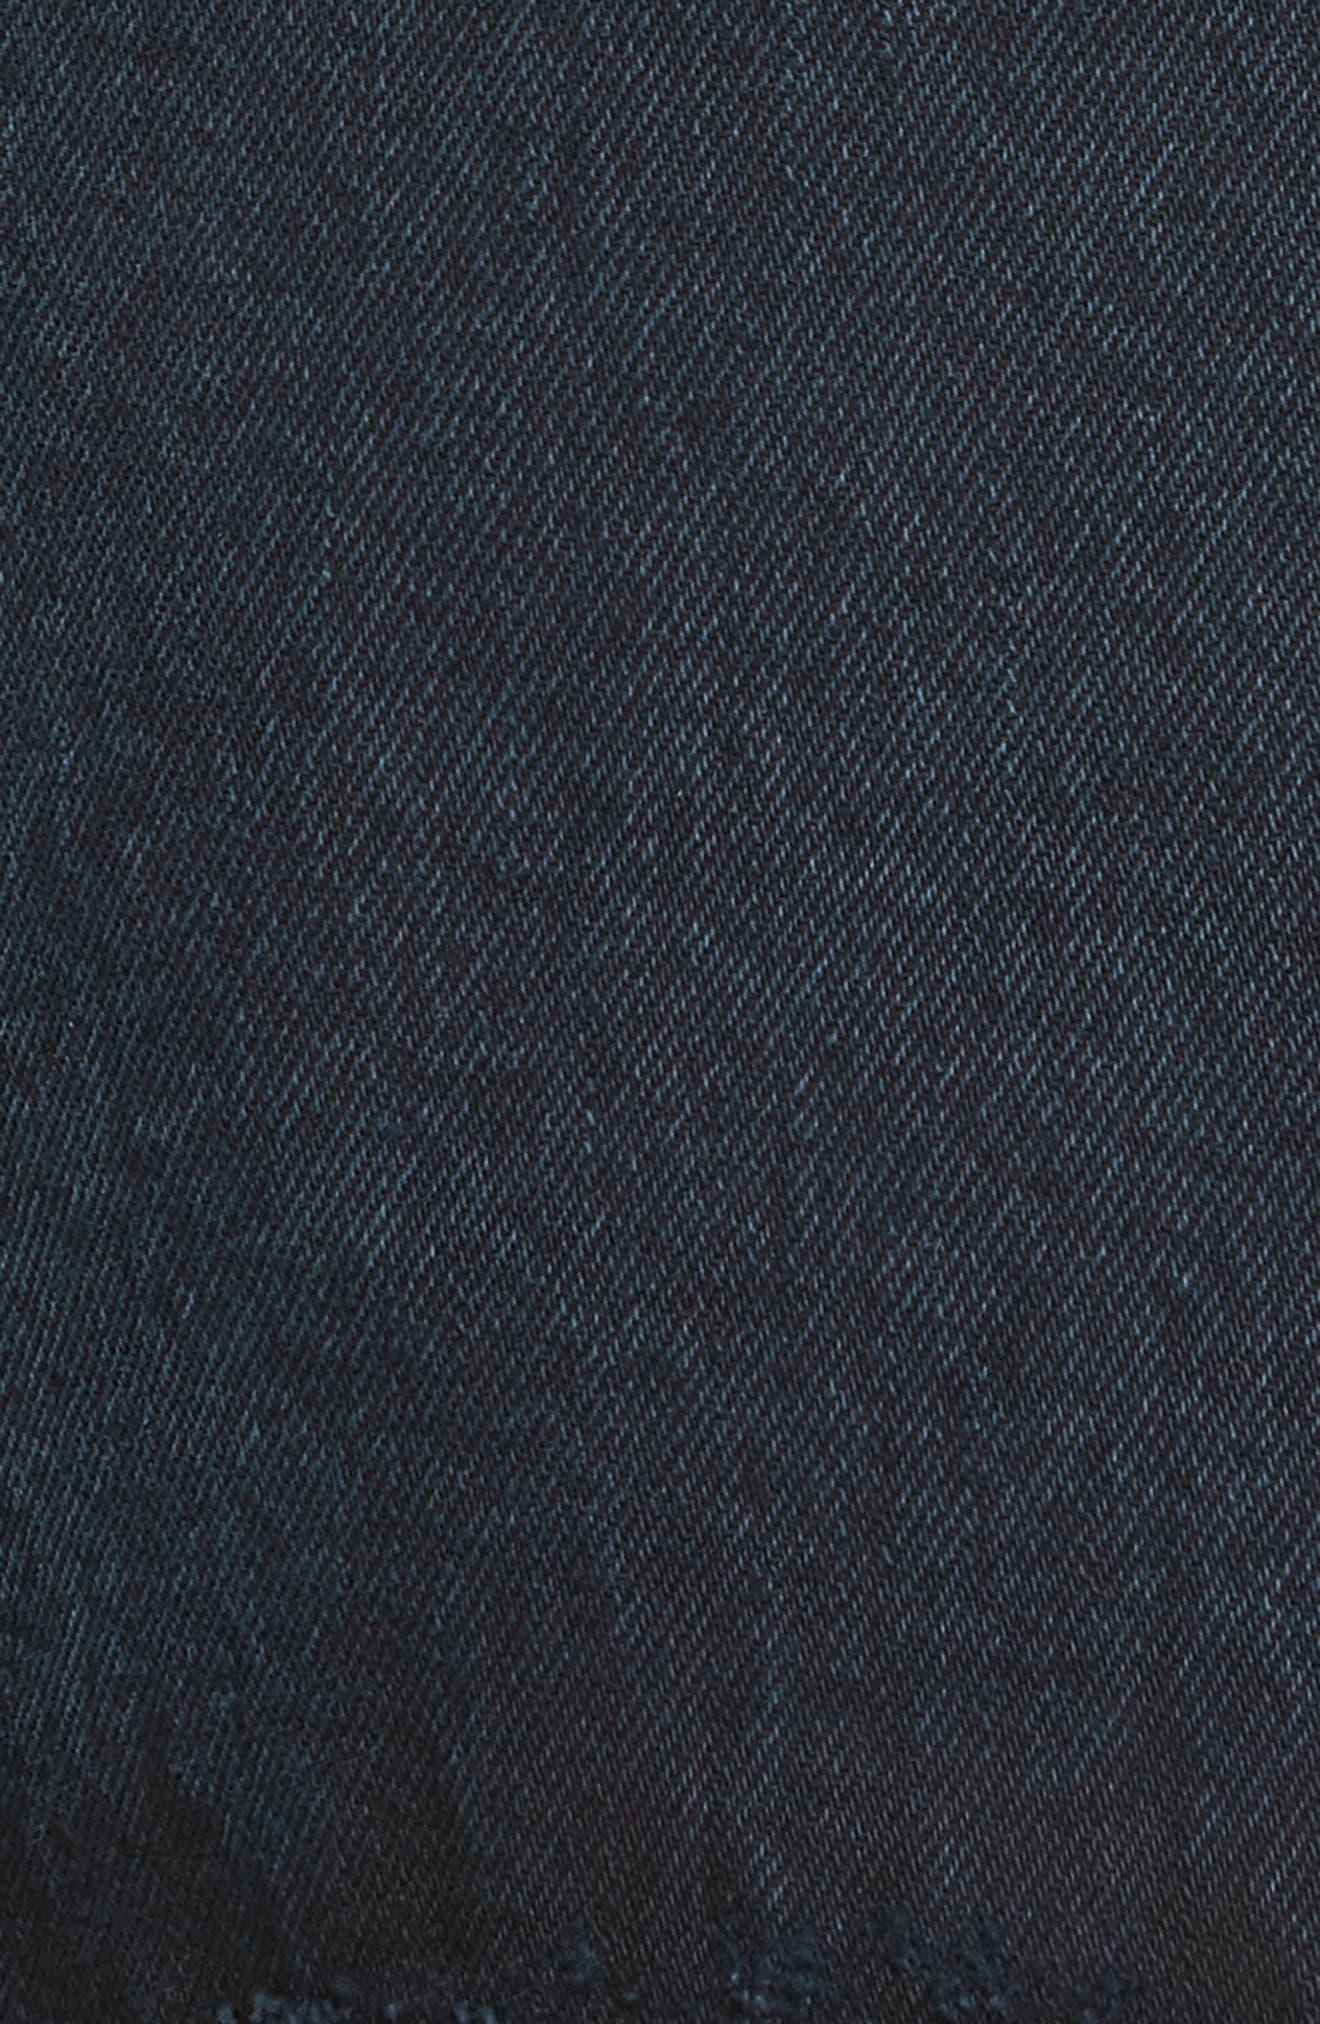 PSWL Folded Denim Skirt,                             Alternate thumbnail 5, color,